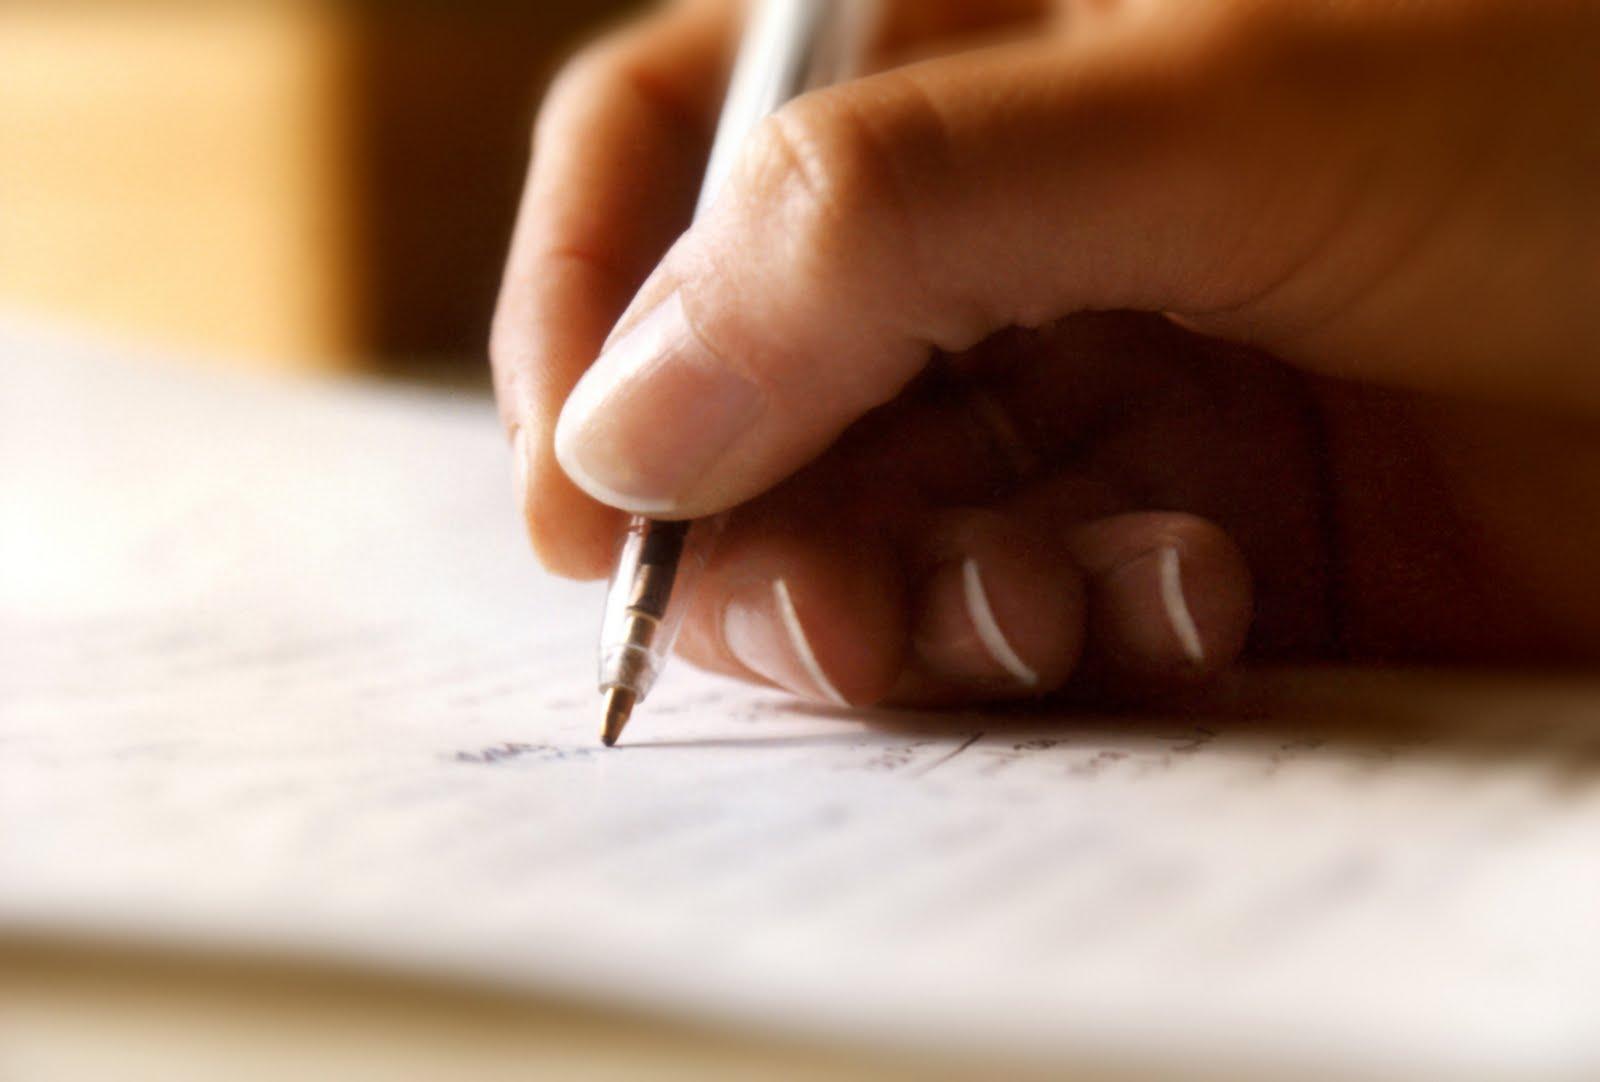 122 de absenți la Evaluarea națională la Limba română, la clasa a IV-a